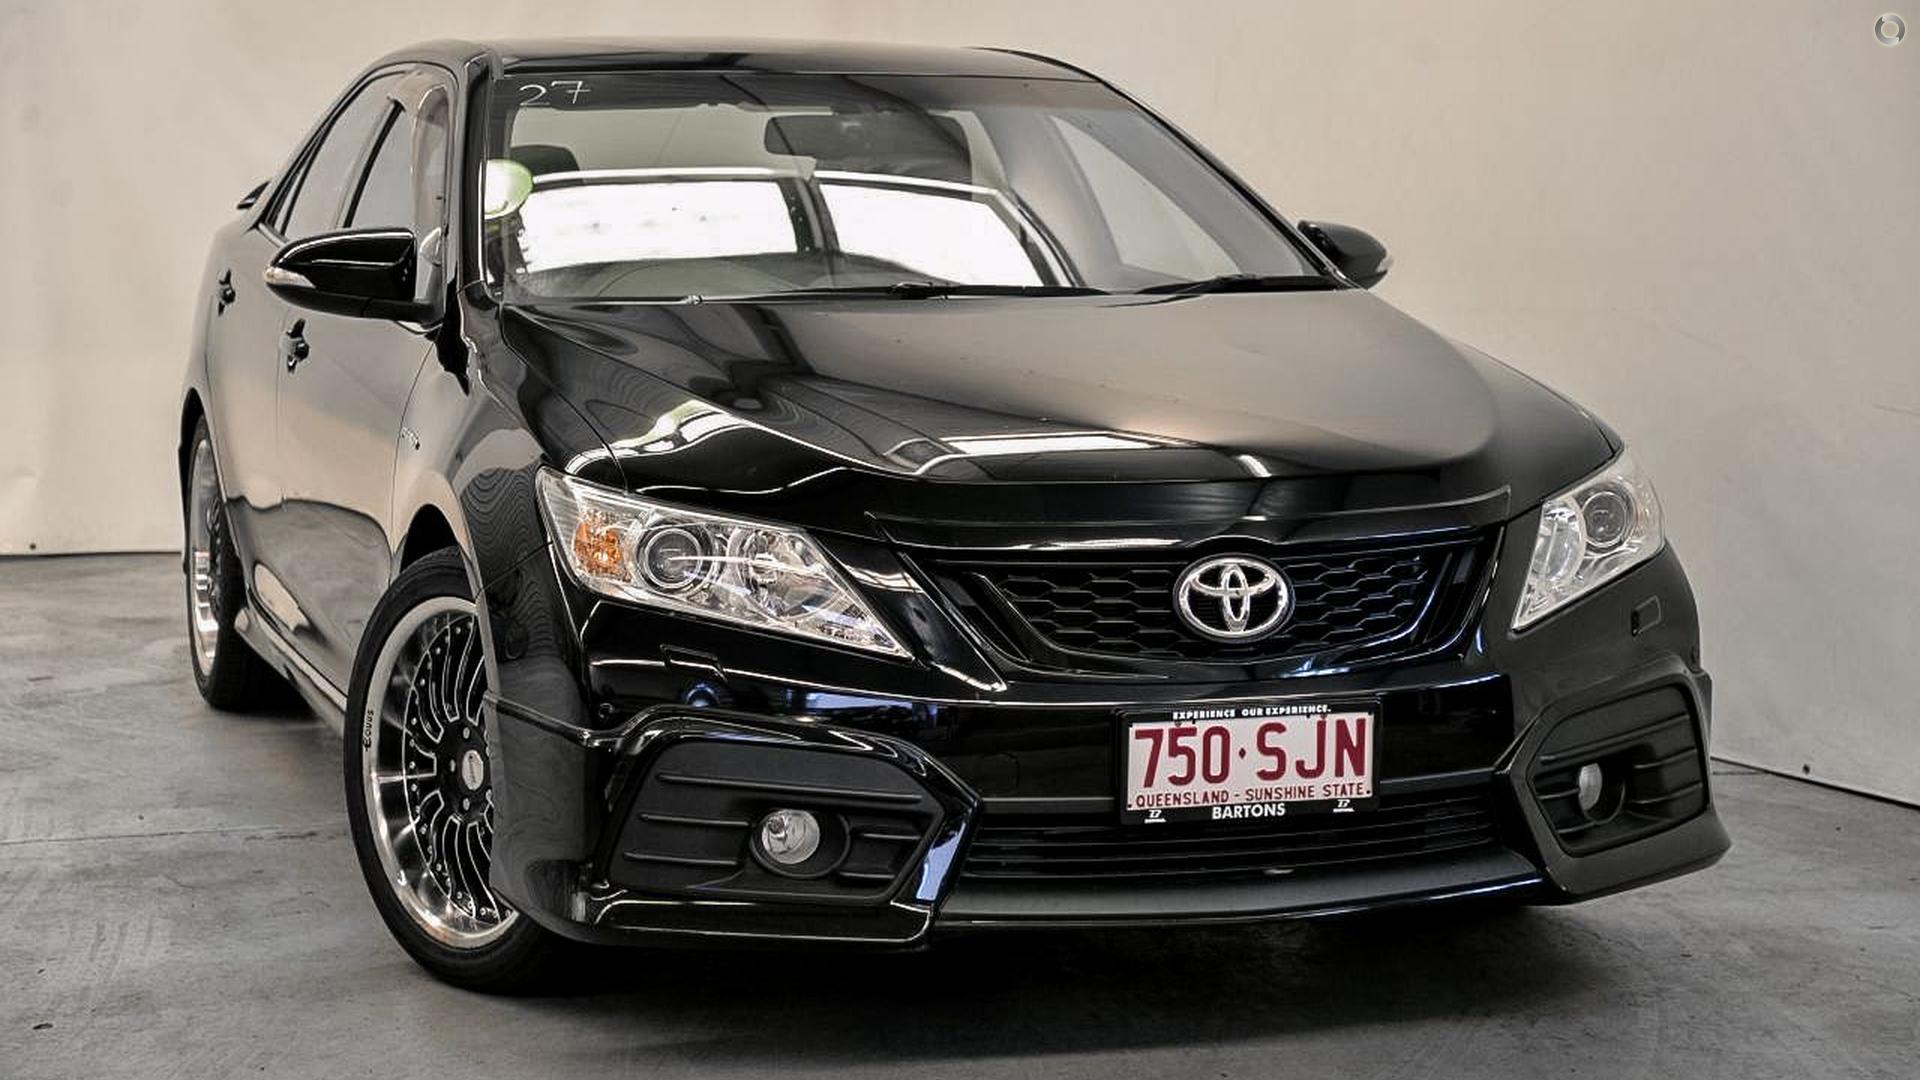 2012 Toyota Aurion Sportivo Zr6